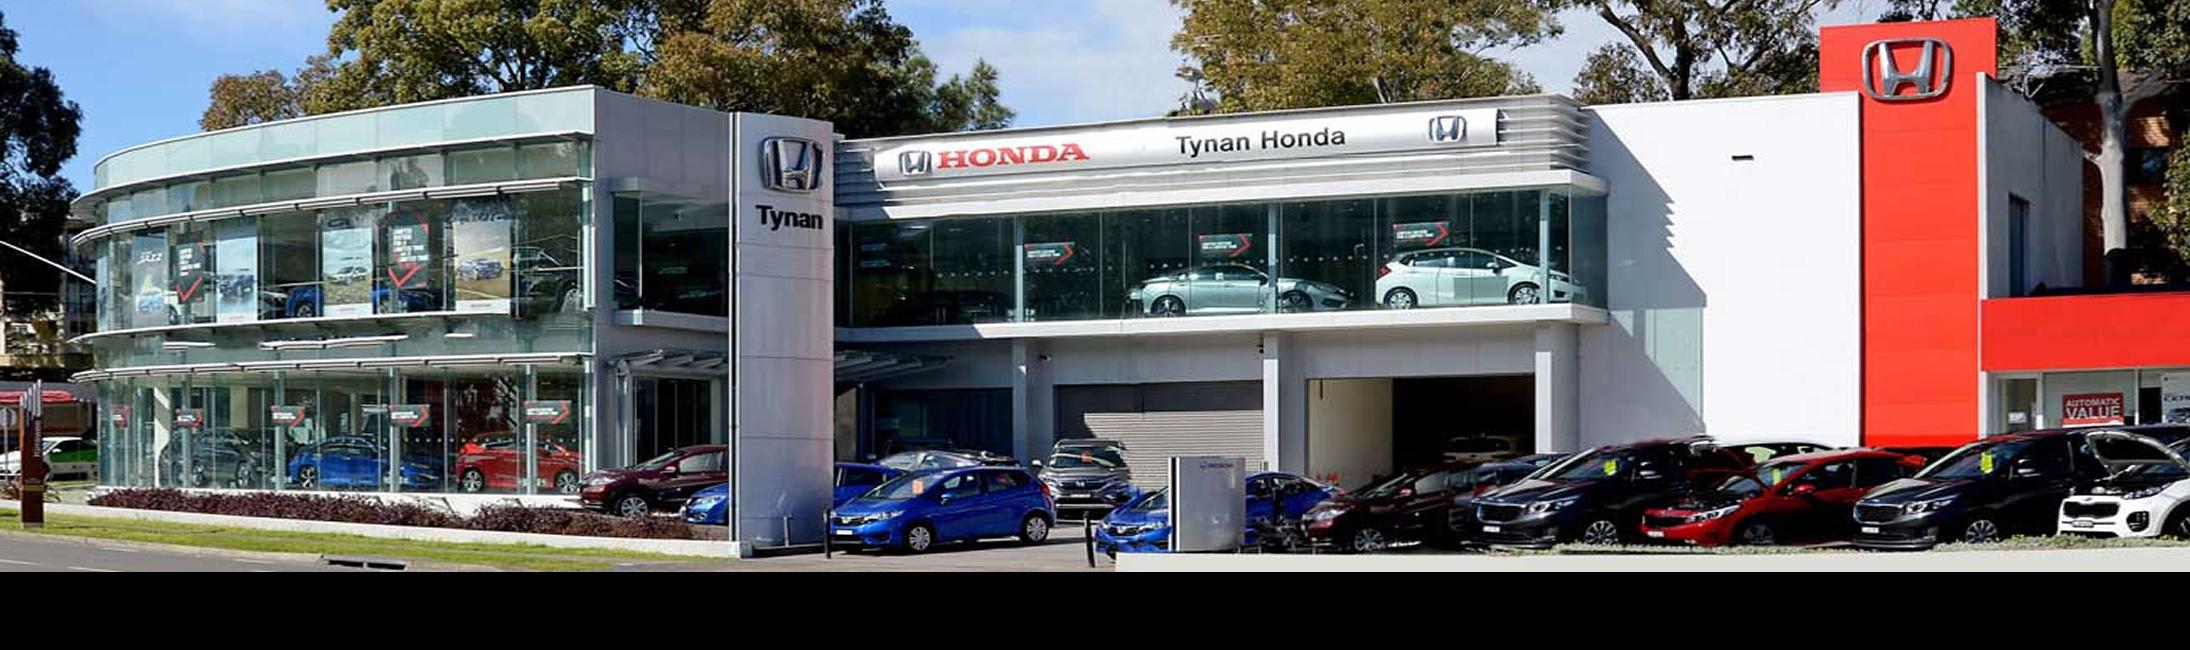 Tynan Honda